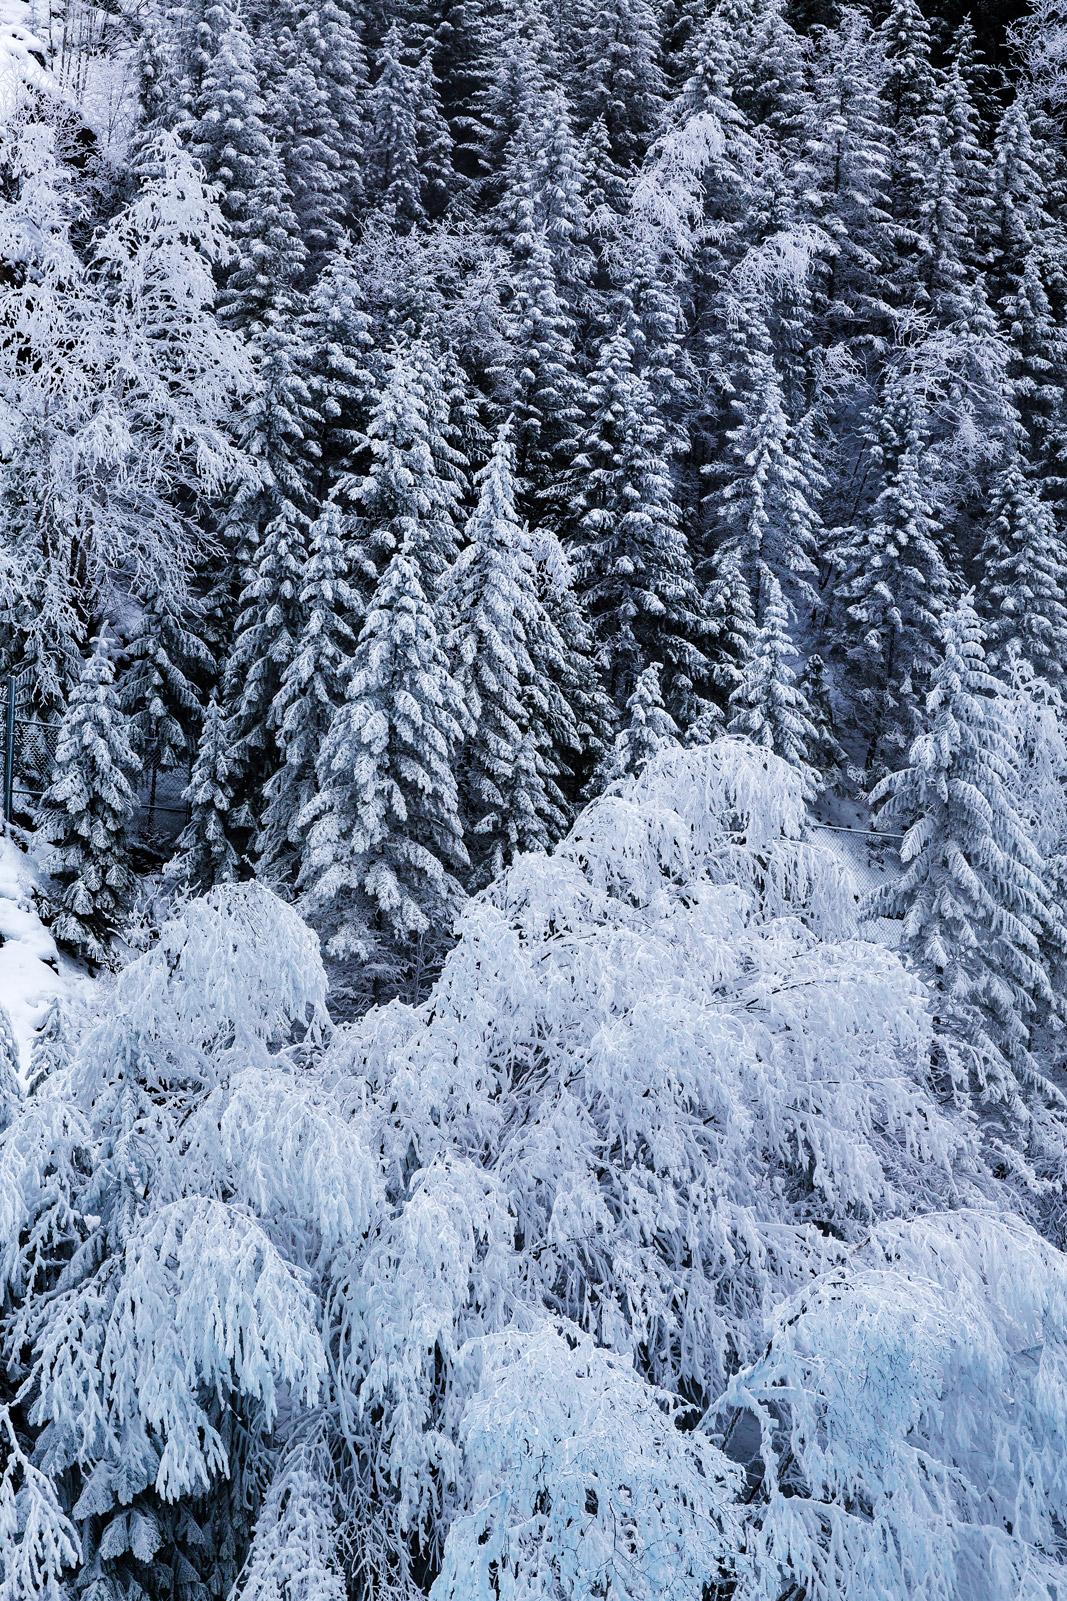 British Columbia, Canada, Winter, Frost, Ice, Winter Scene, photo